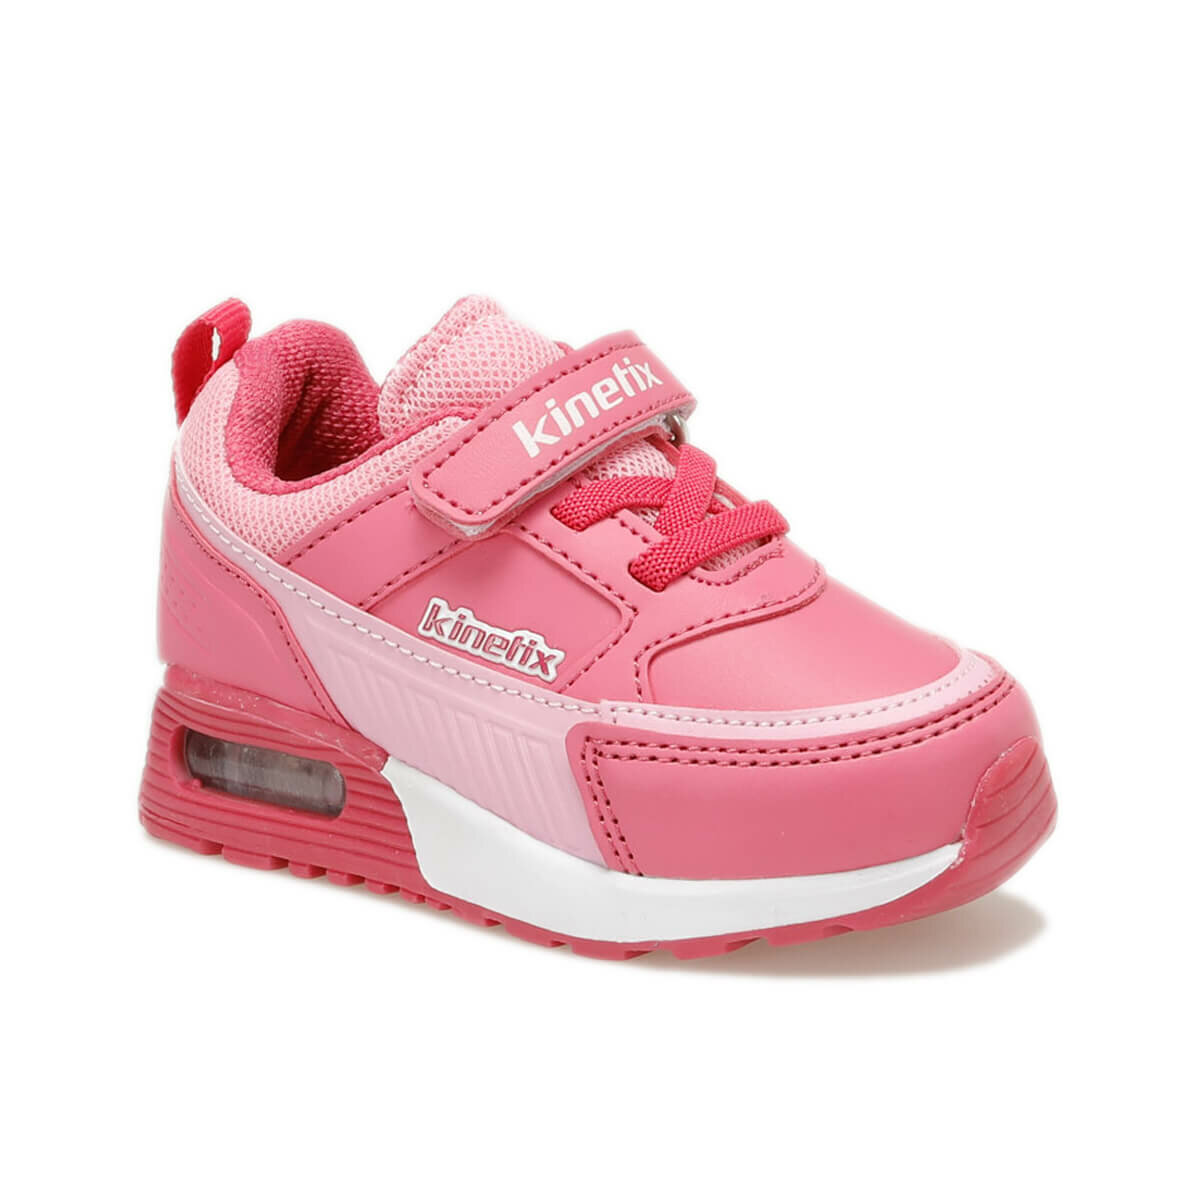 FLO HAZEL 9PR Pink Female Child Sneaker Shoes KINETIX